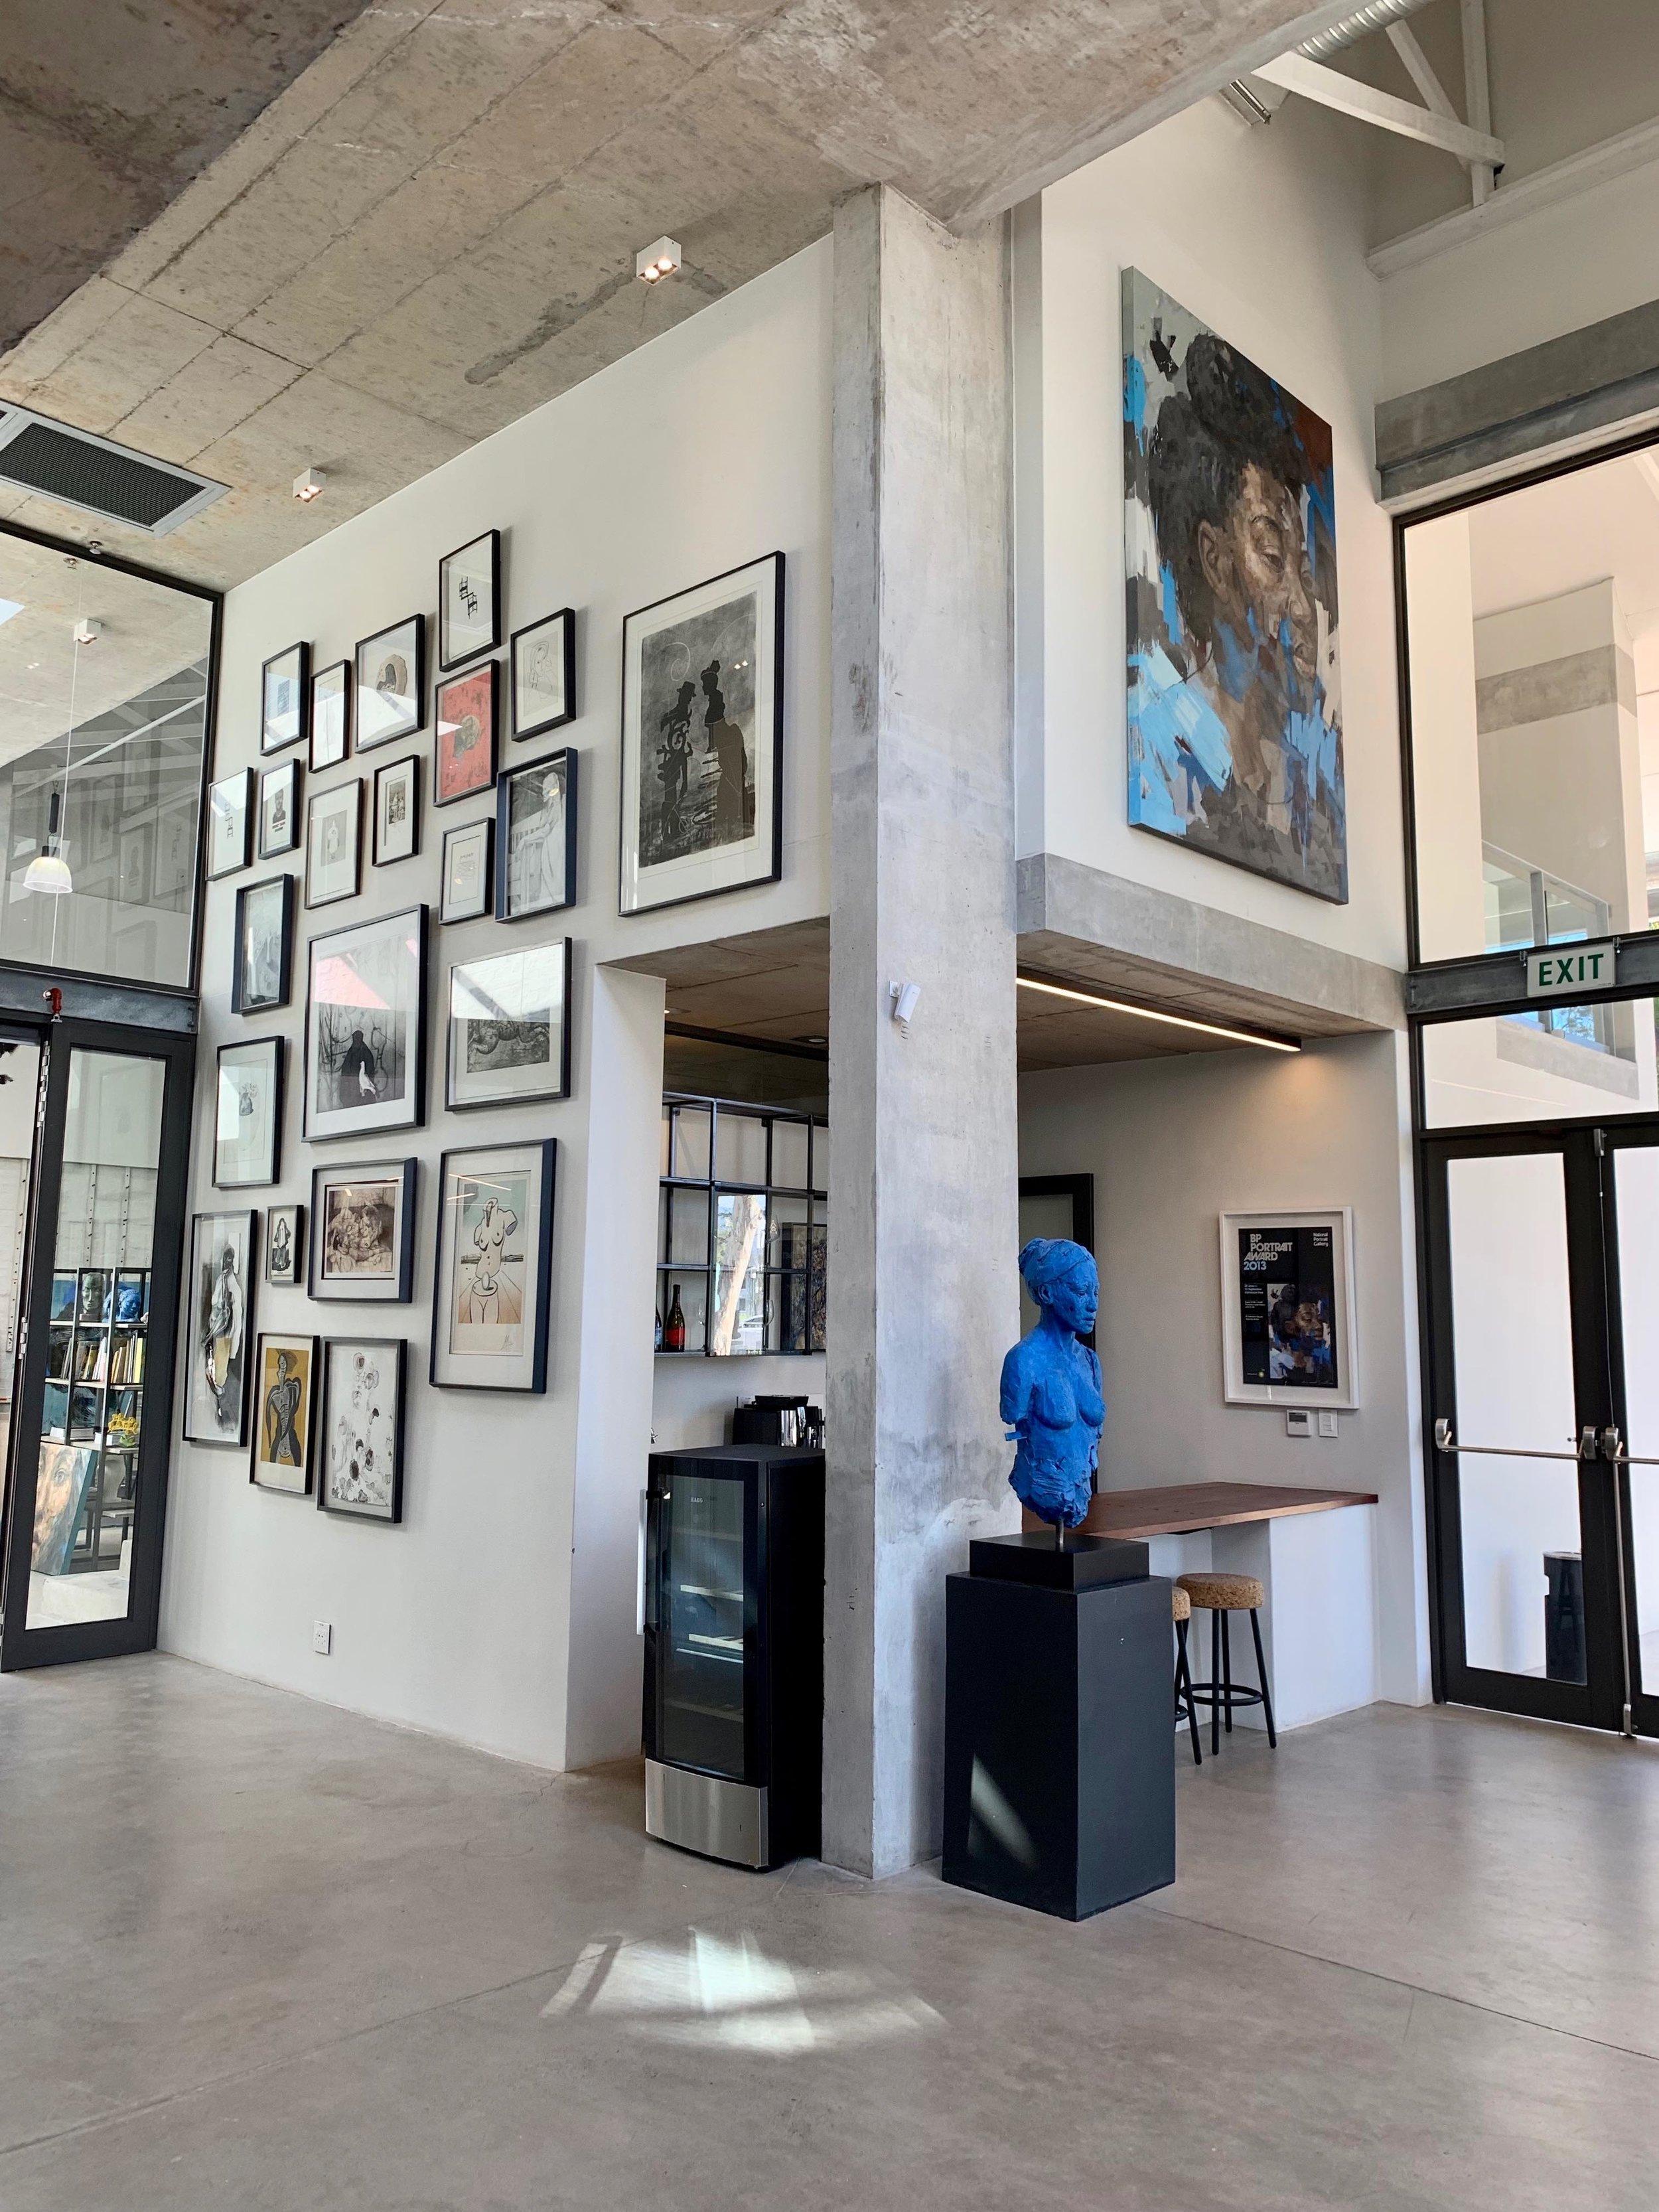 Lionel Smit_Studio_Paardevlei_Cape Town20.jpg